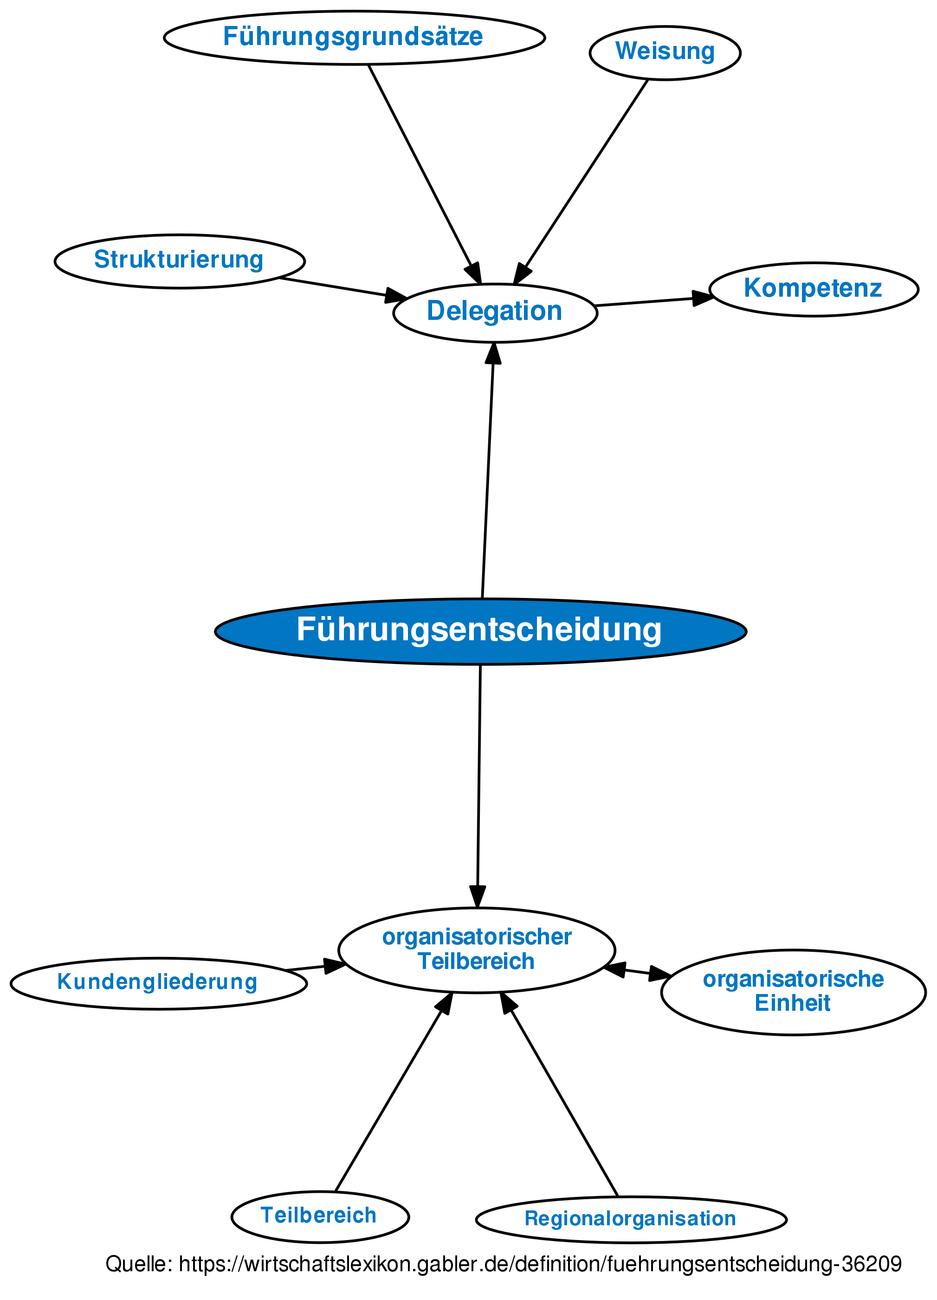 definition fhrungsentscheidung im gabler wirtschaftslexikon - Fhrungsgrundstze Beispiele